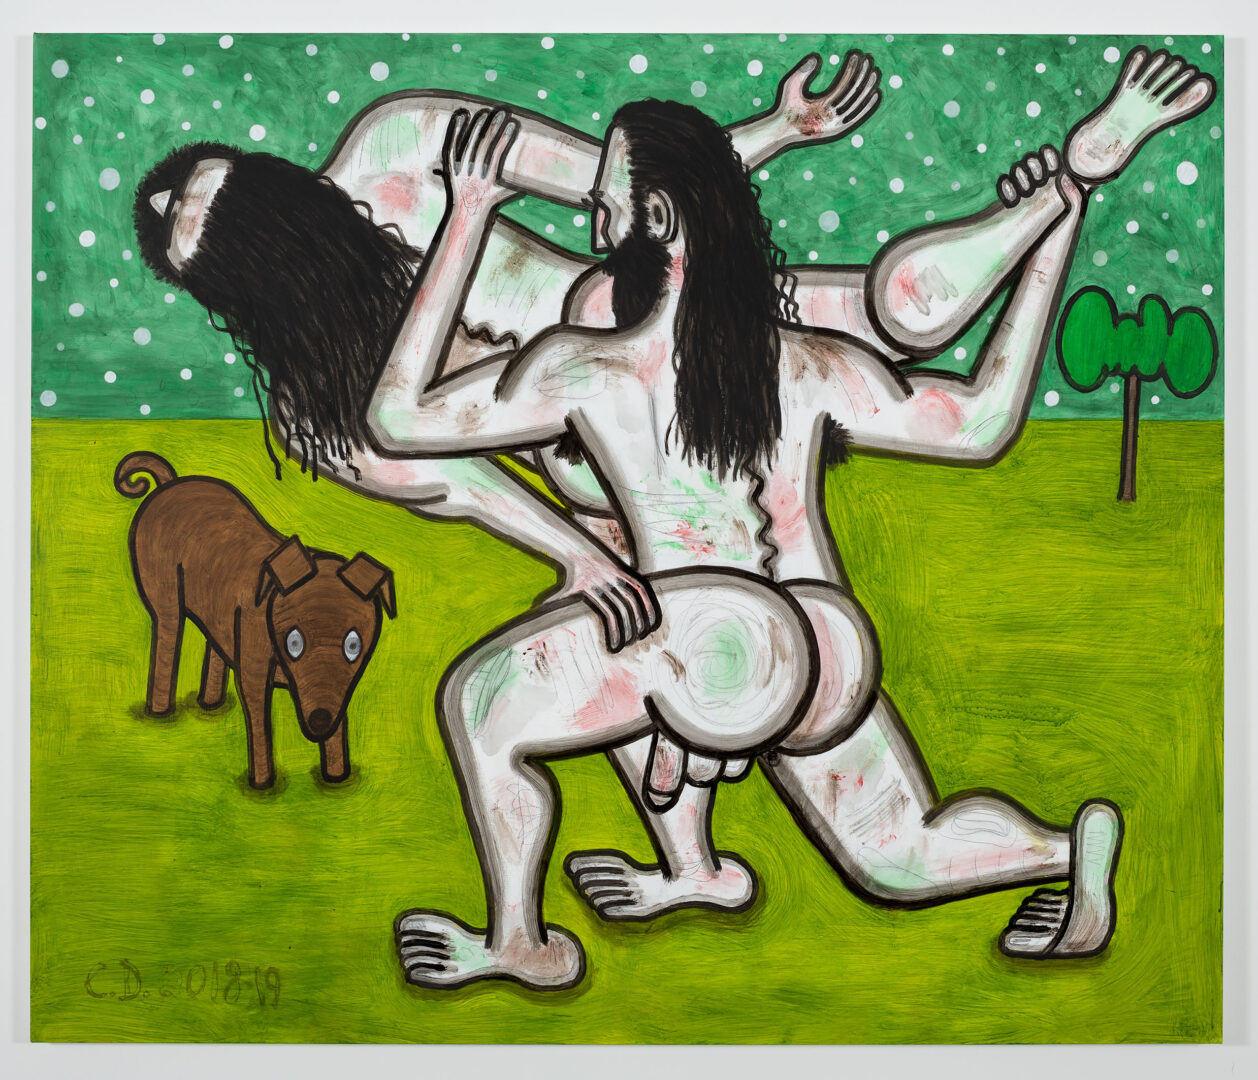 Exhibition View Carroll Dunham Soloshow «Recent Paintings; view on Green Evening (3), 2018-19» at Galerie Eva Presenhuber, Zurich, 2019 / Photo: Stefan Altenburger / © Carroll Dunham / Courtesy the artist and Galerie Eva Presenhuber, Zurich / New York